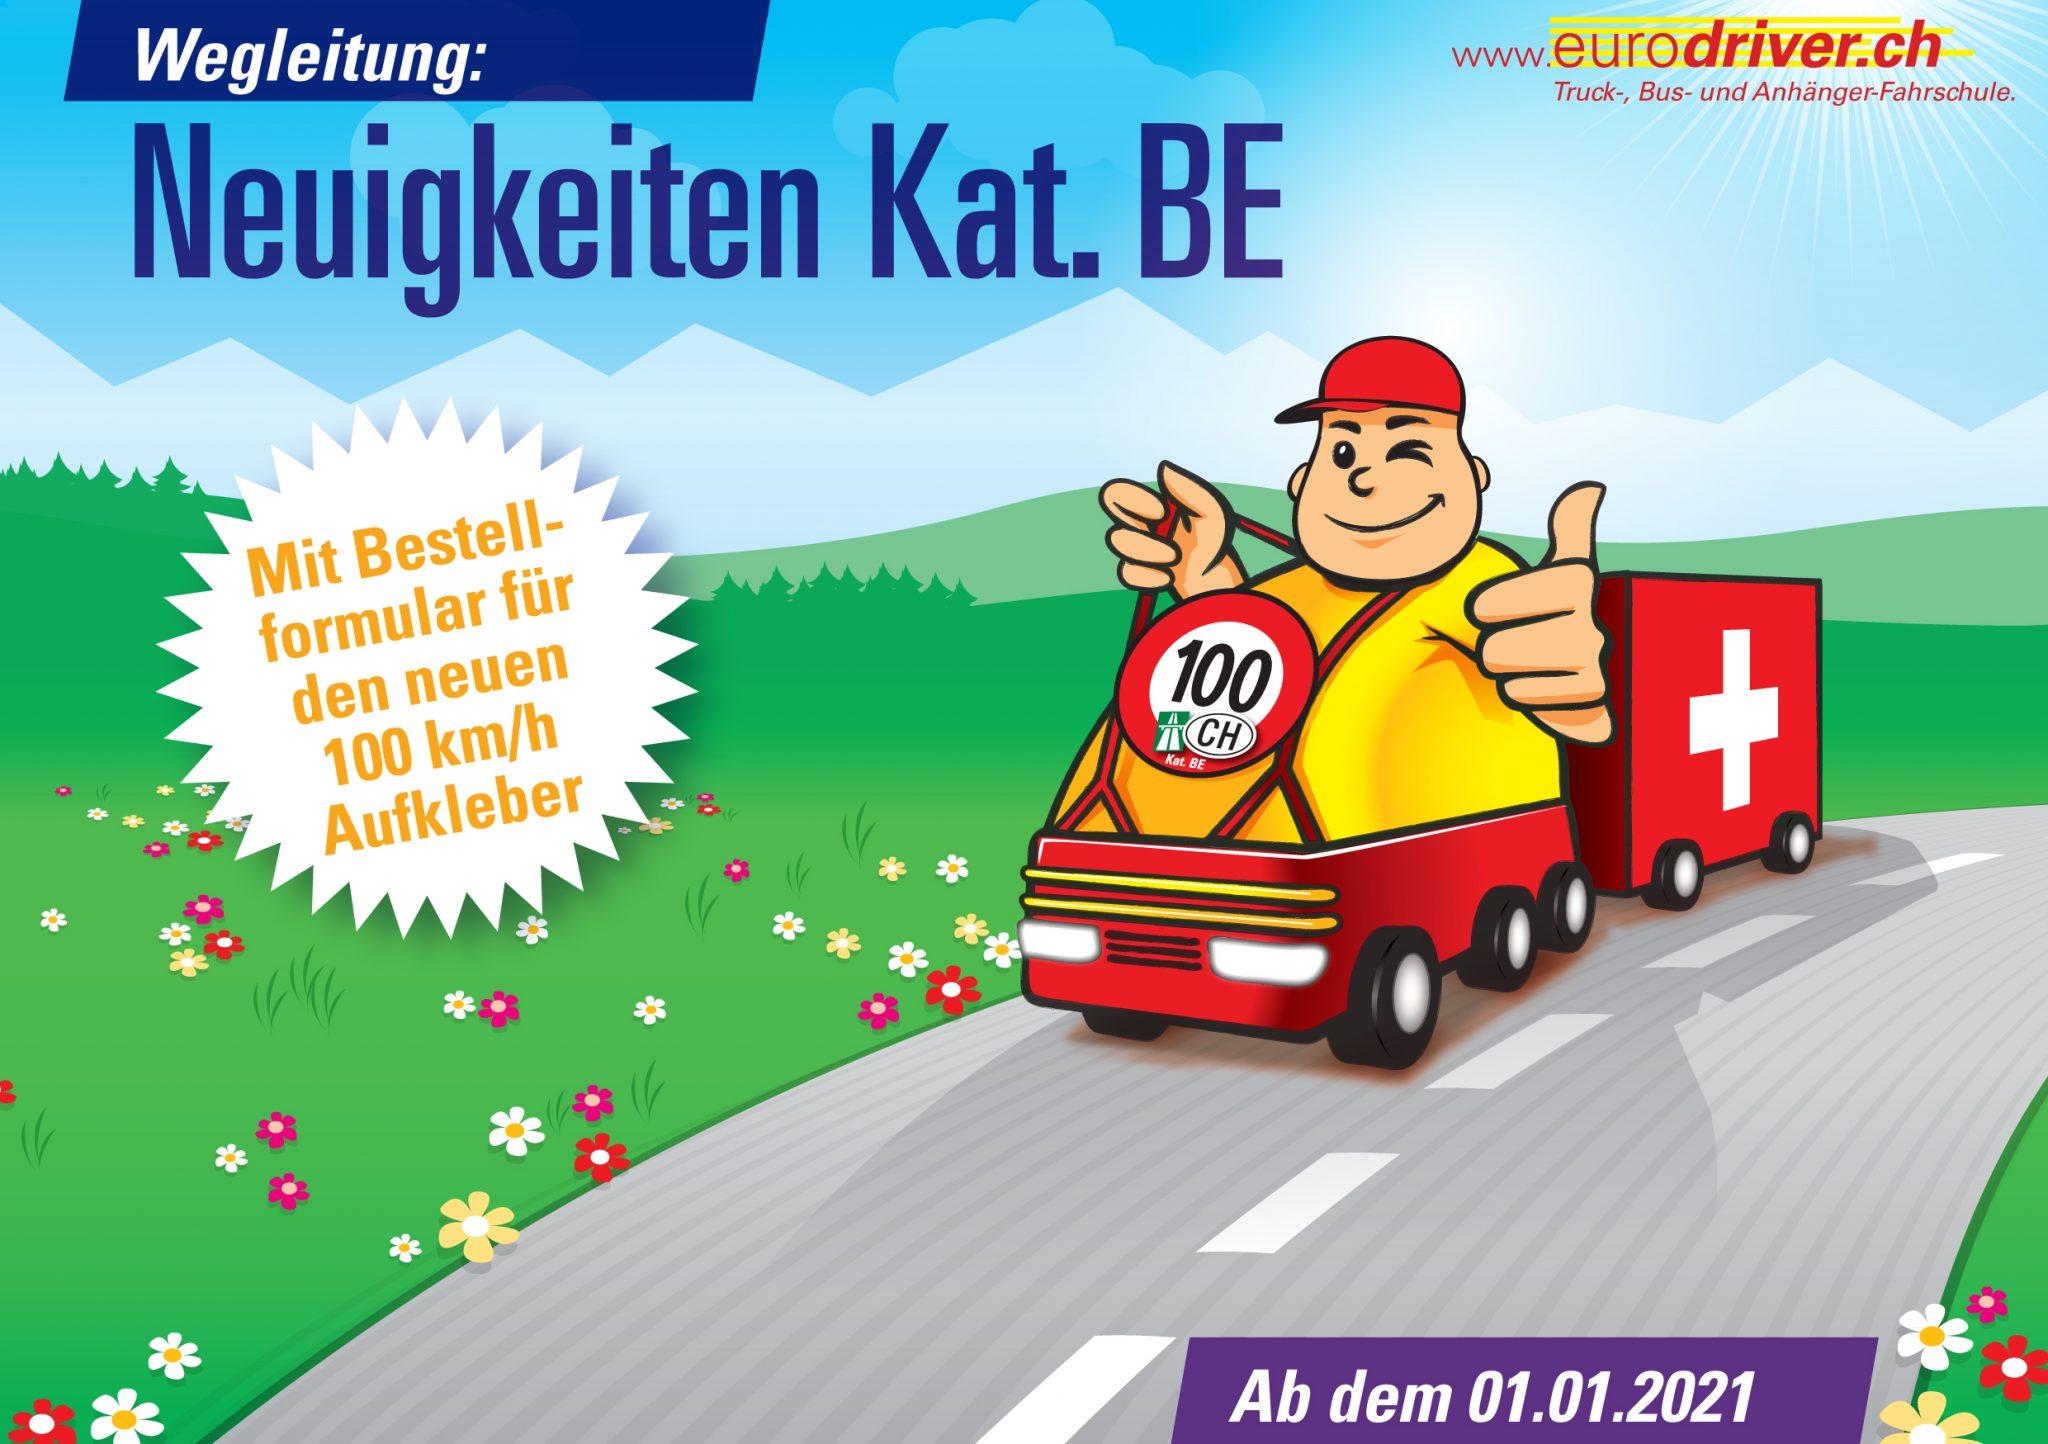 Anhängerfahrschule Eurodriver